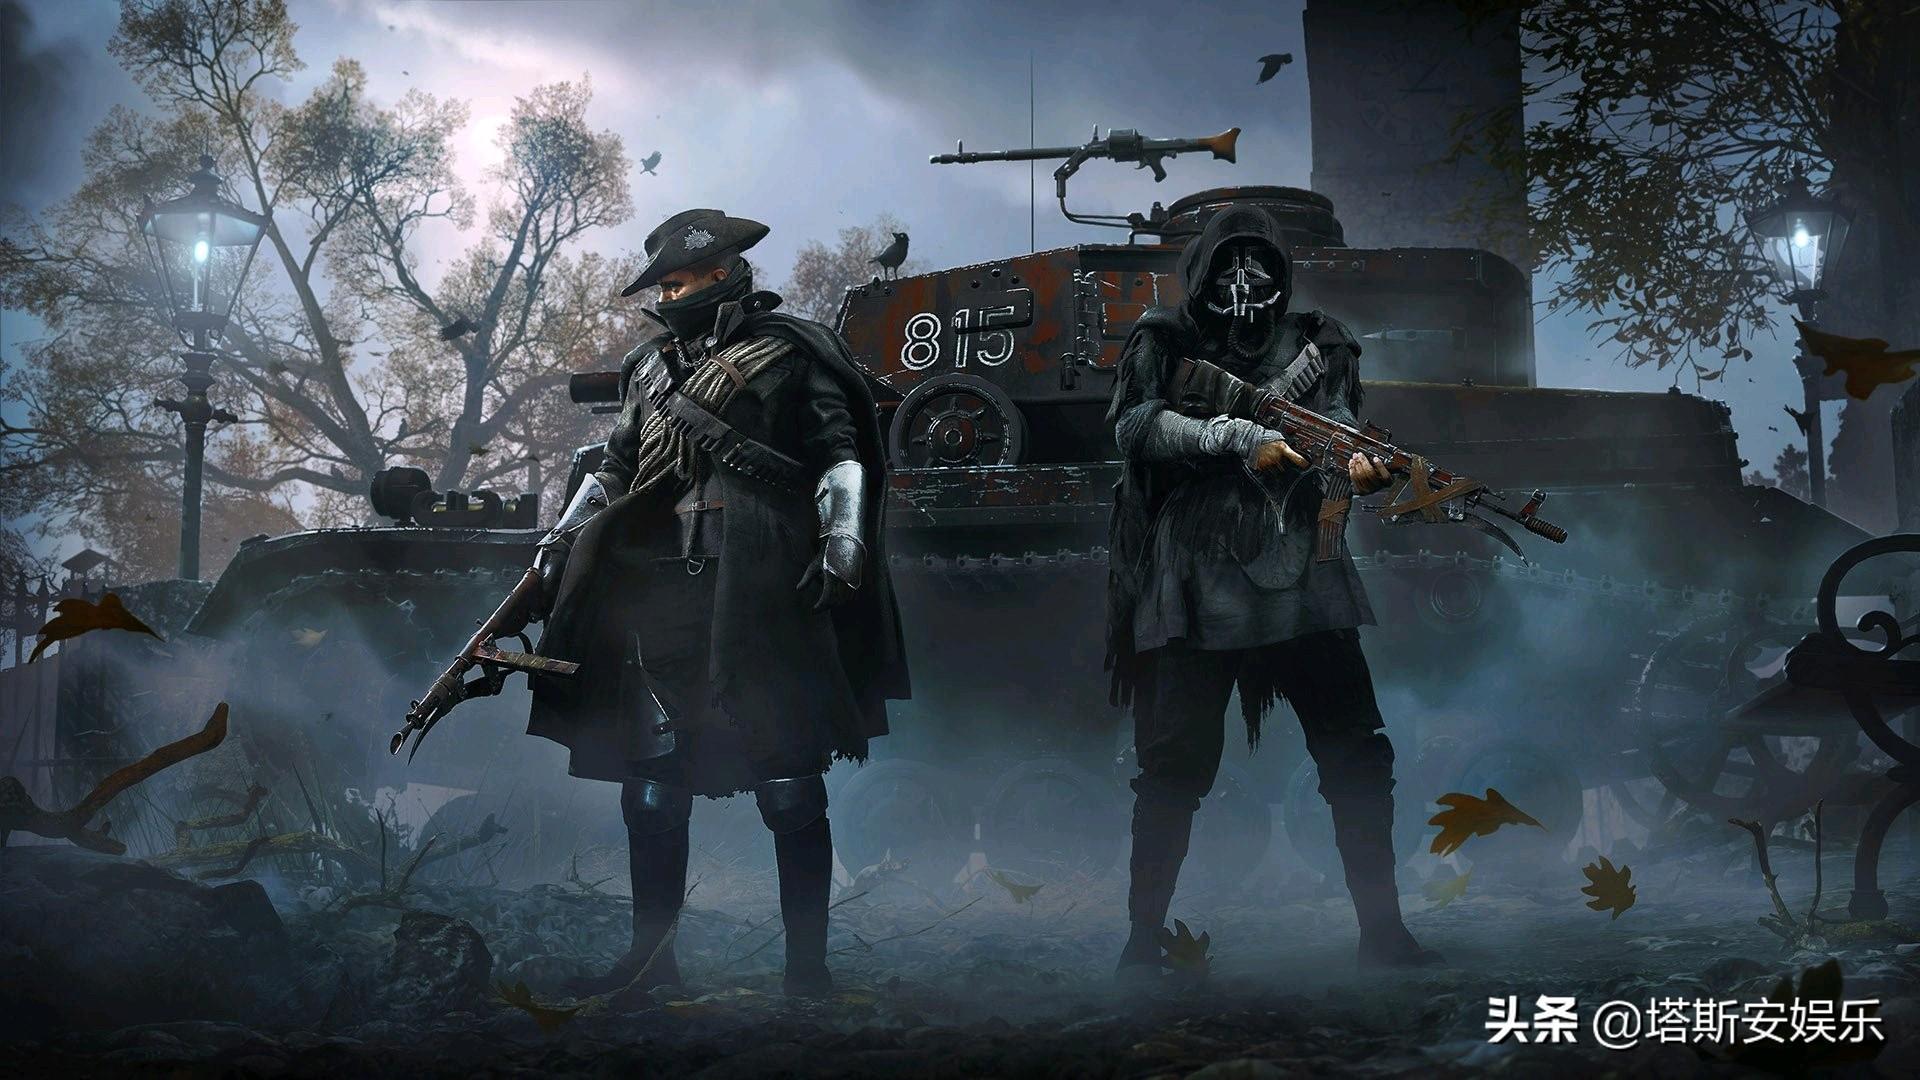 当下最强五大FPS射击游戏,画面真实,考验玩家战术思维